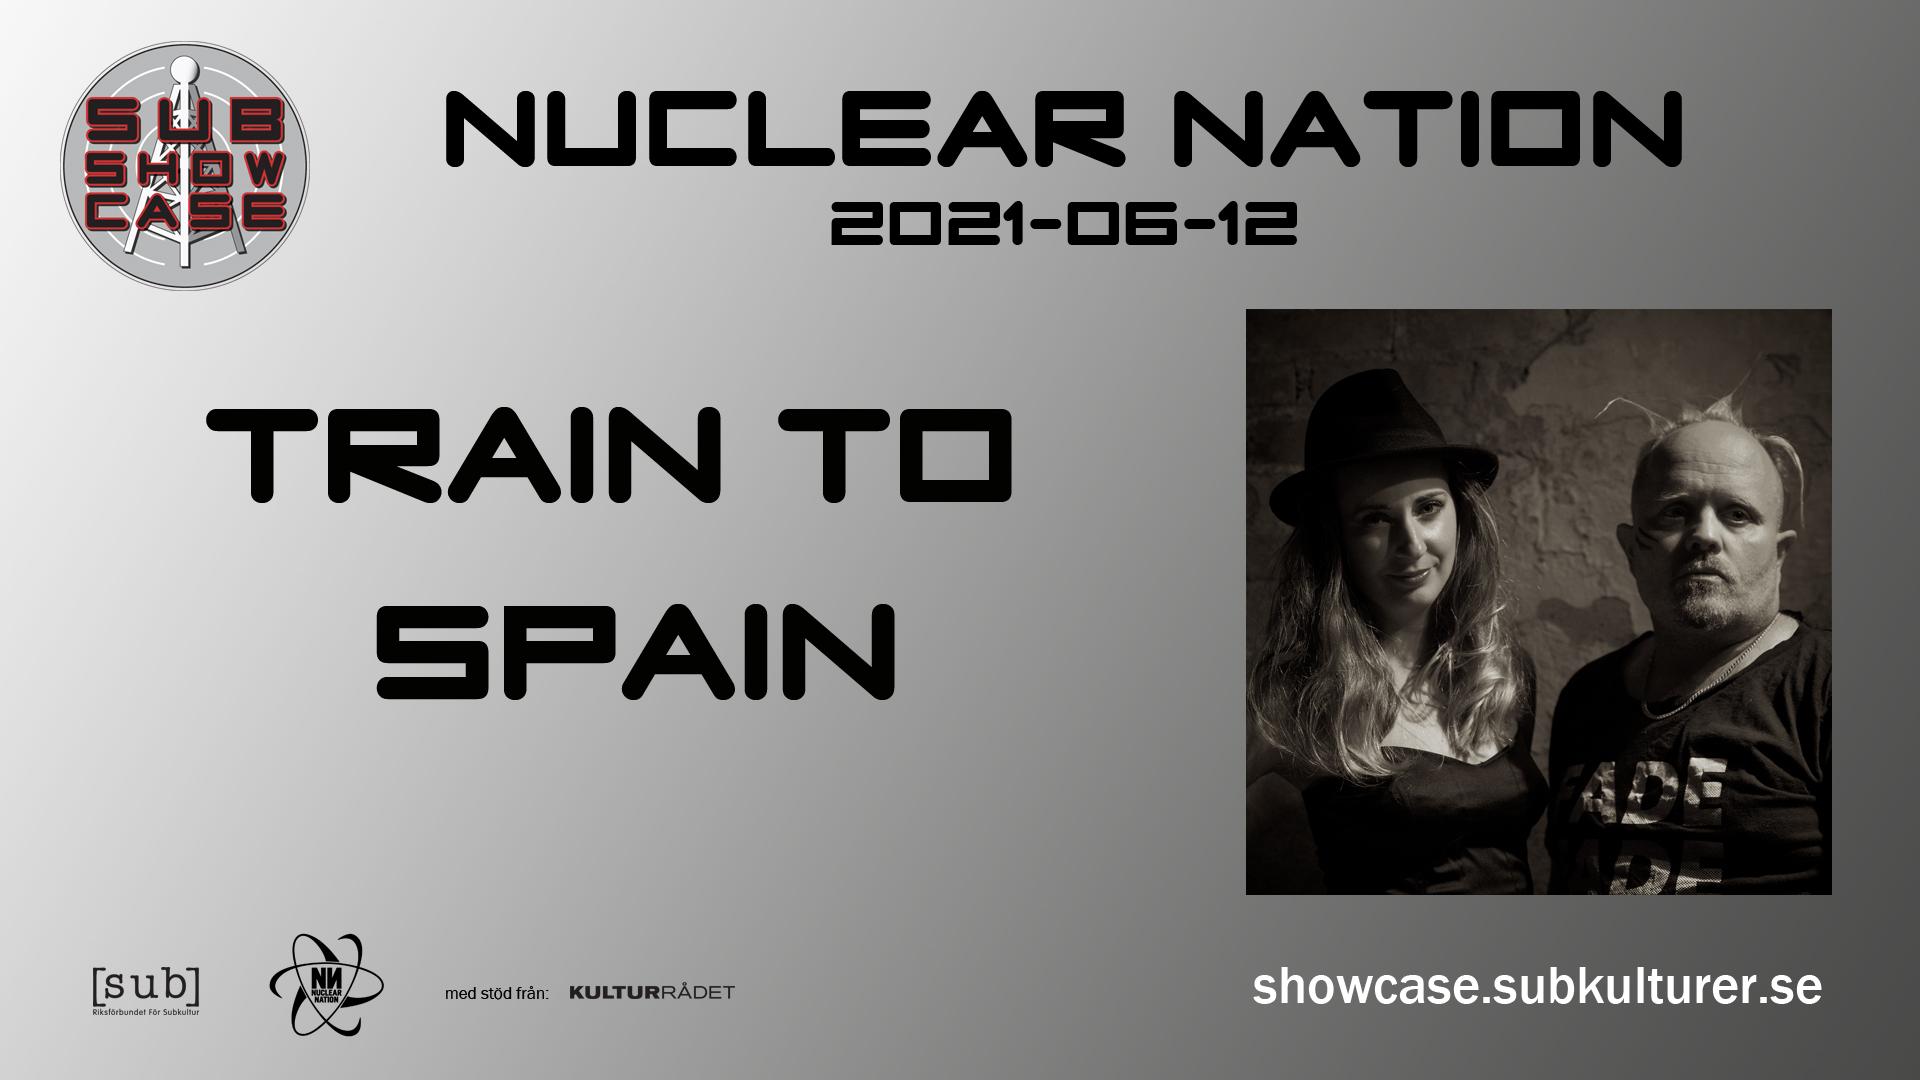 2021-06-12 Live från Nuclear Nation